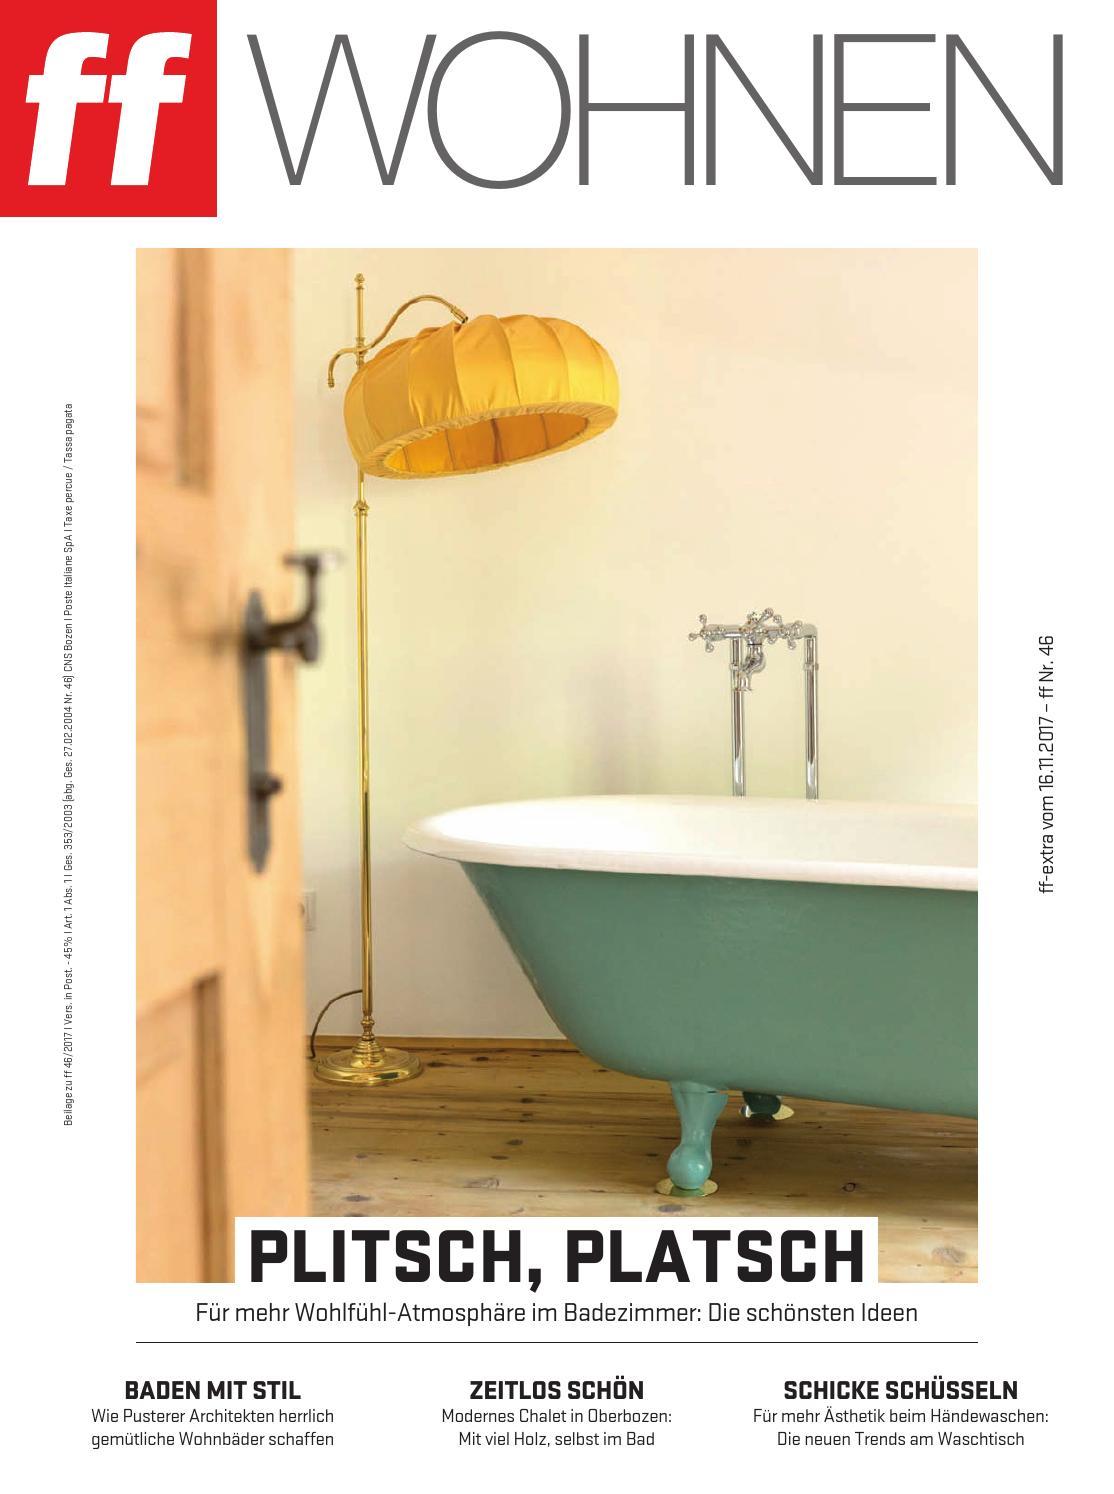 Ff Extra Wohnen 46 2017 By FF Media GmbH   Issuu